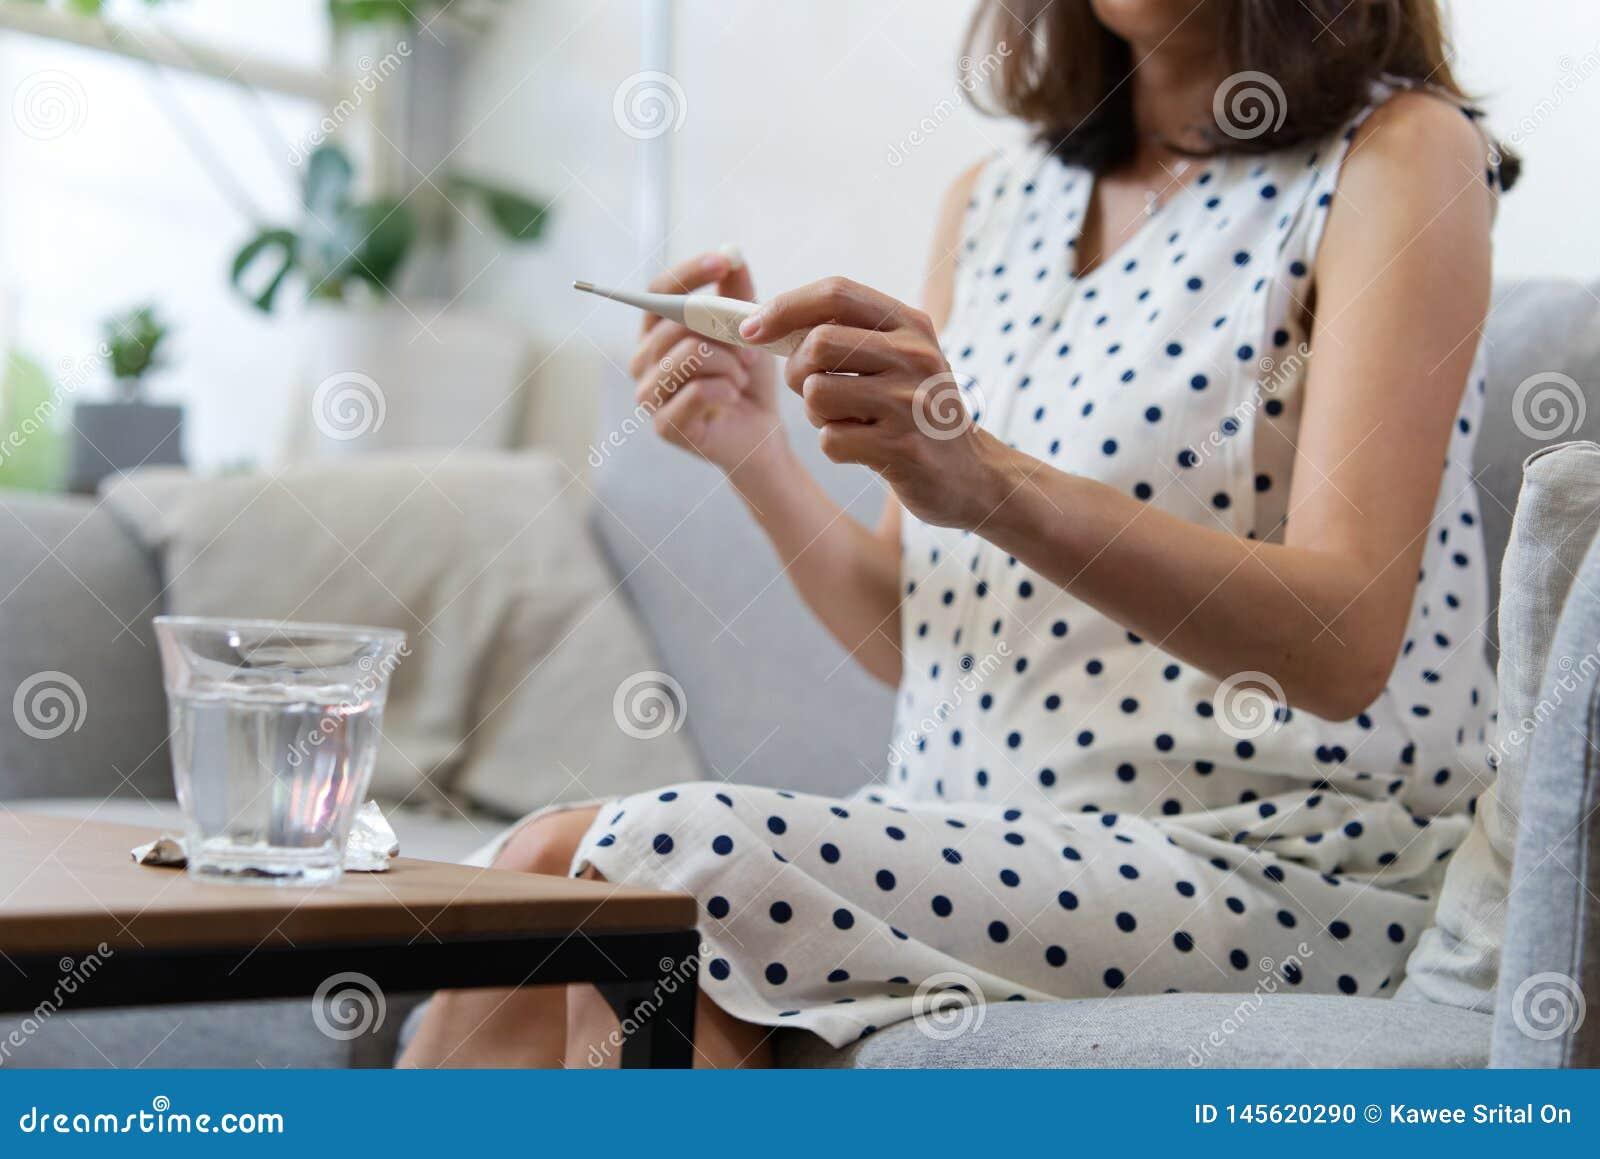 Maladie de femme enceinte Souci sain